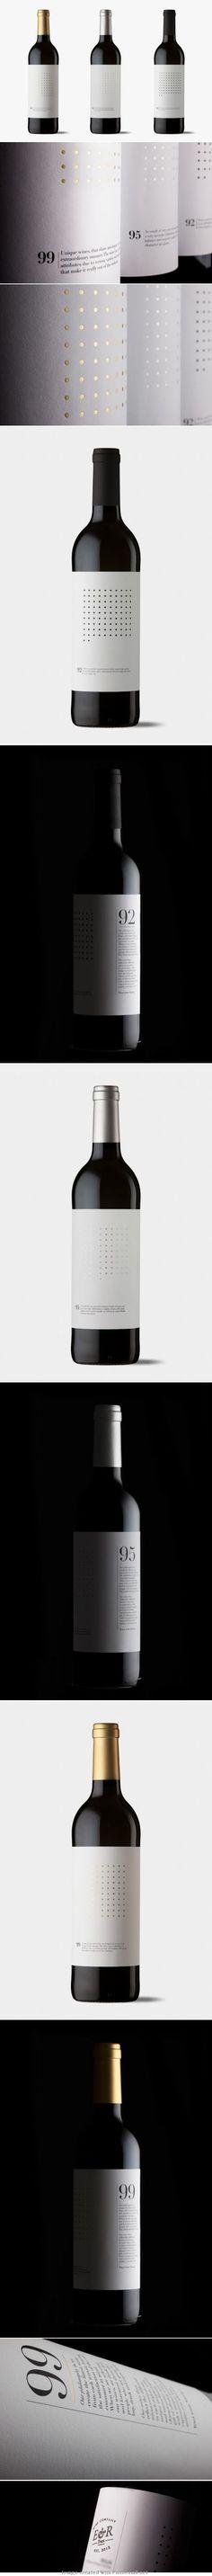 Dotted Grid Wines #taninotanino #vinosmaximum